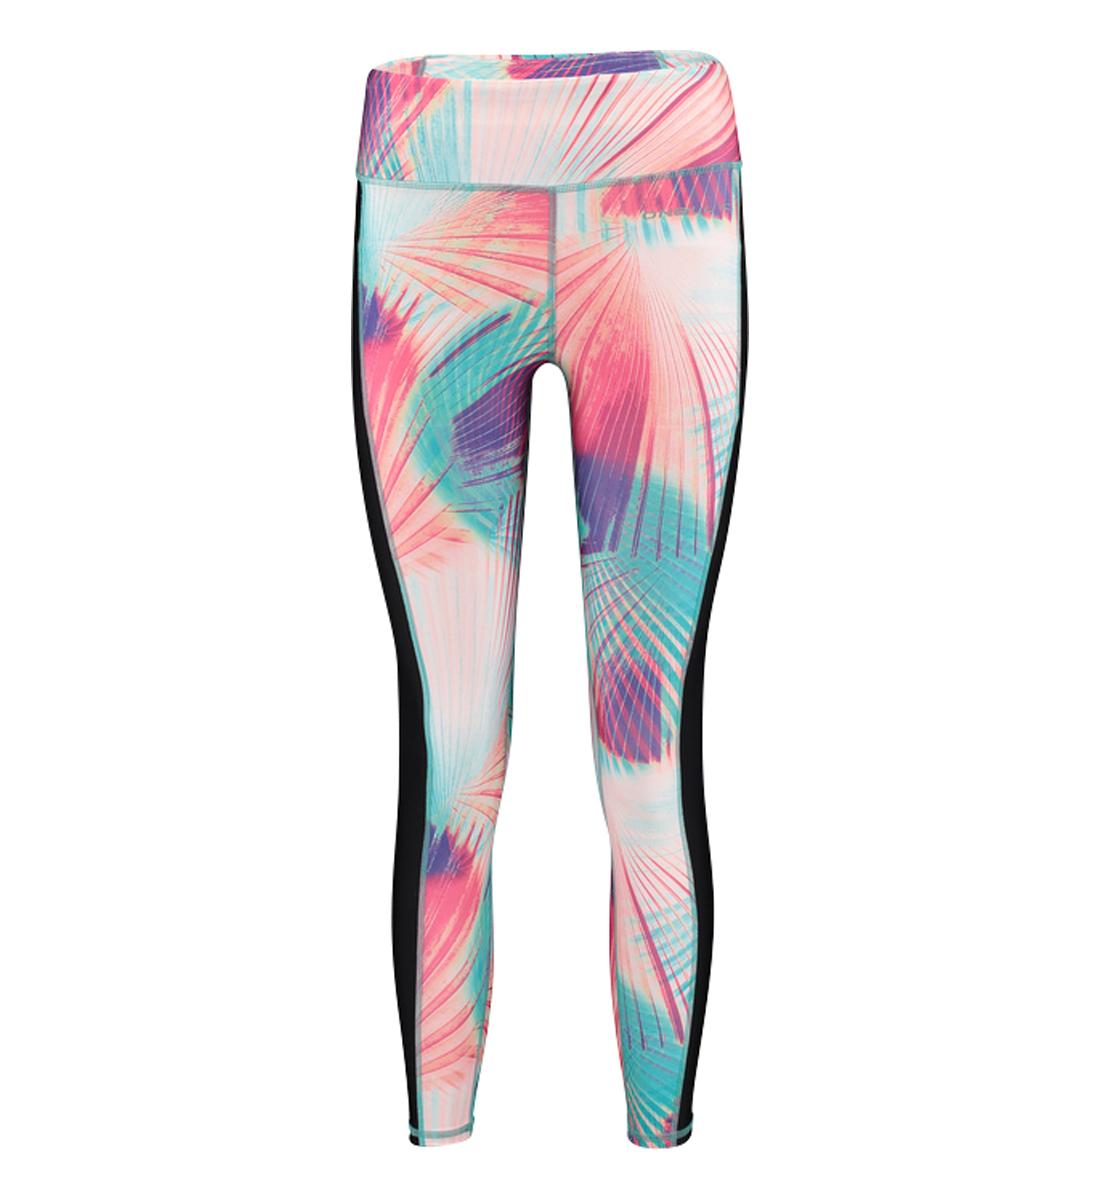 Legging sport femme multicolore